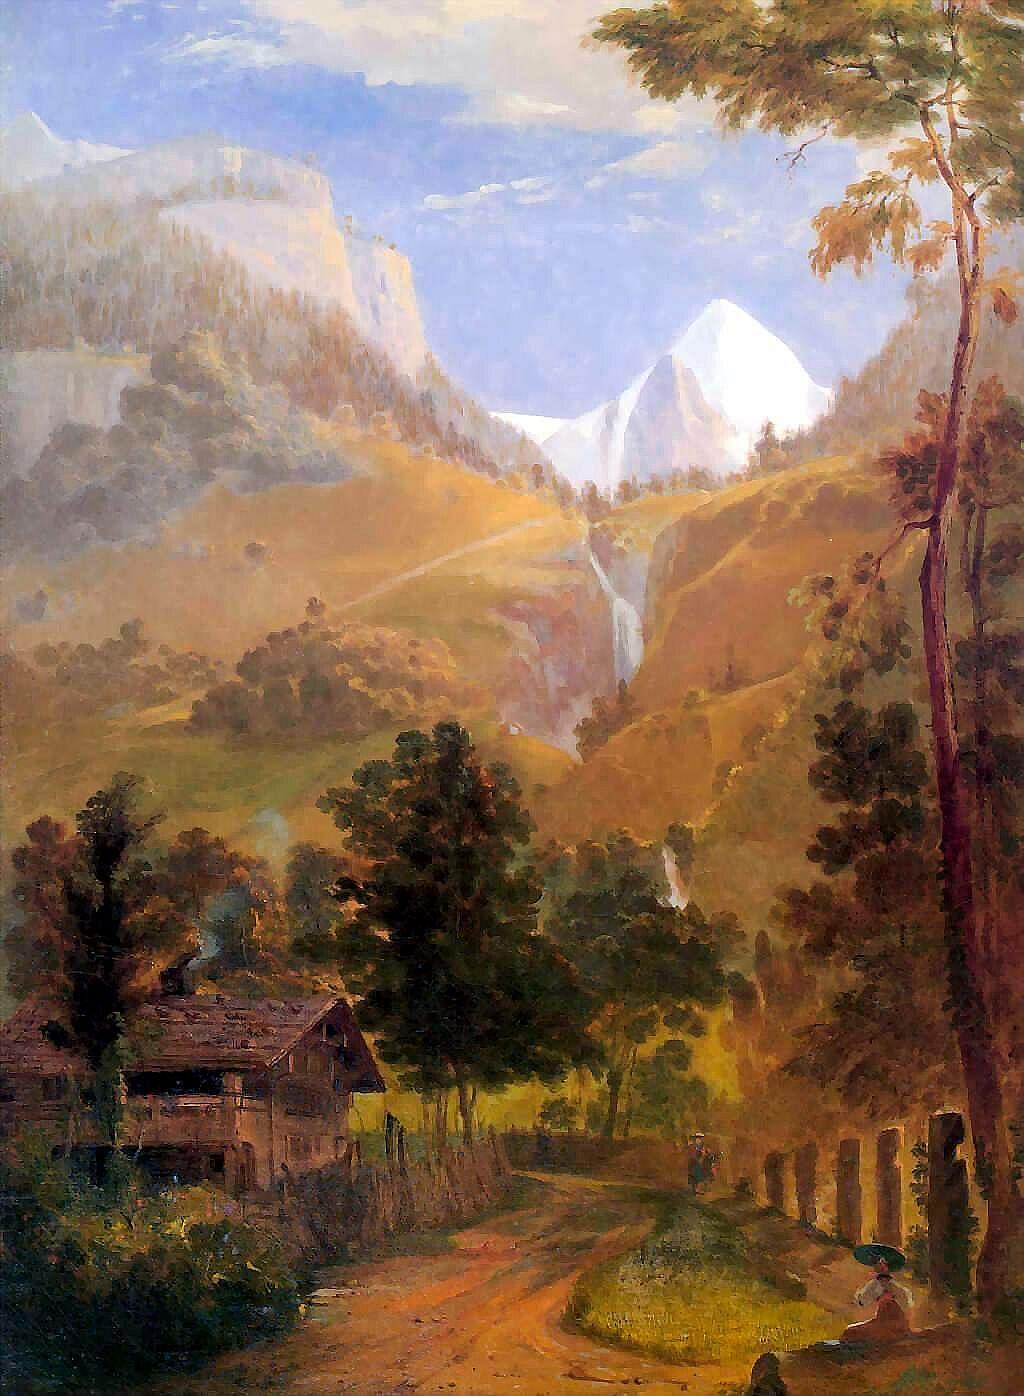 Samuel Coleman. Wetterhorn and the Reichenbach falls